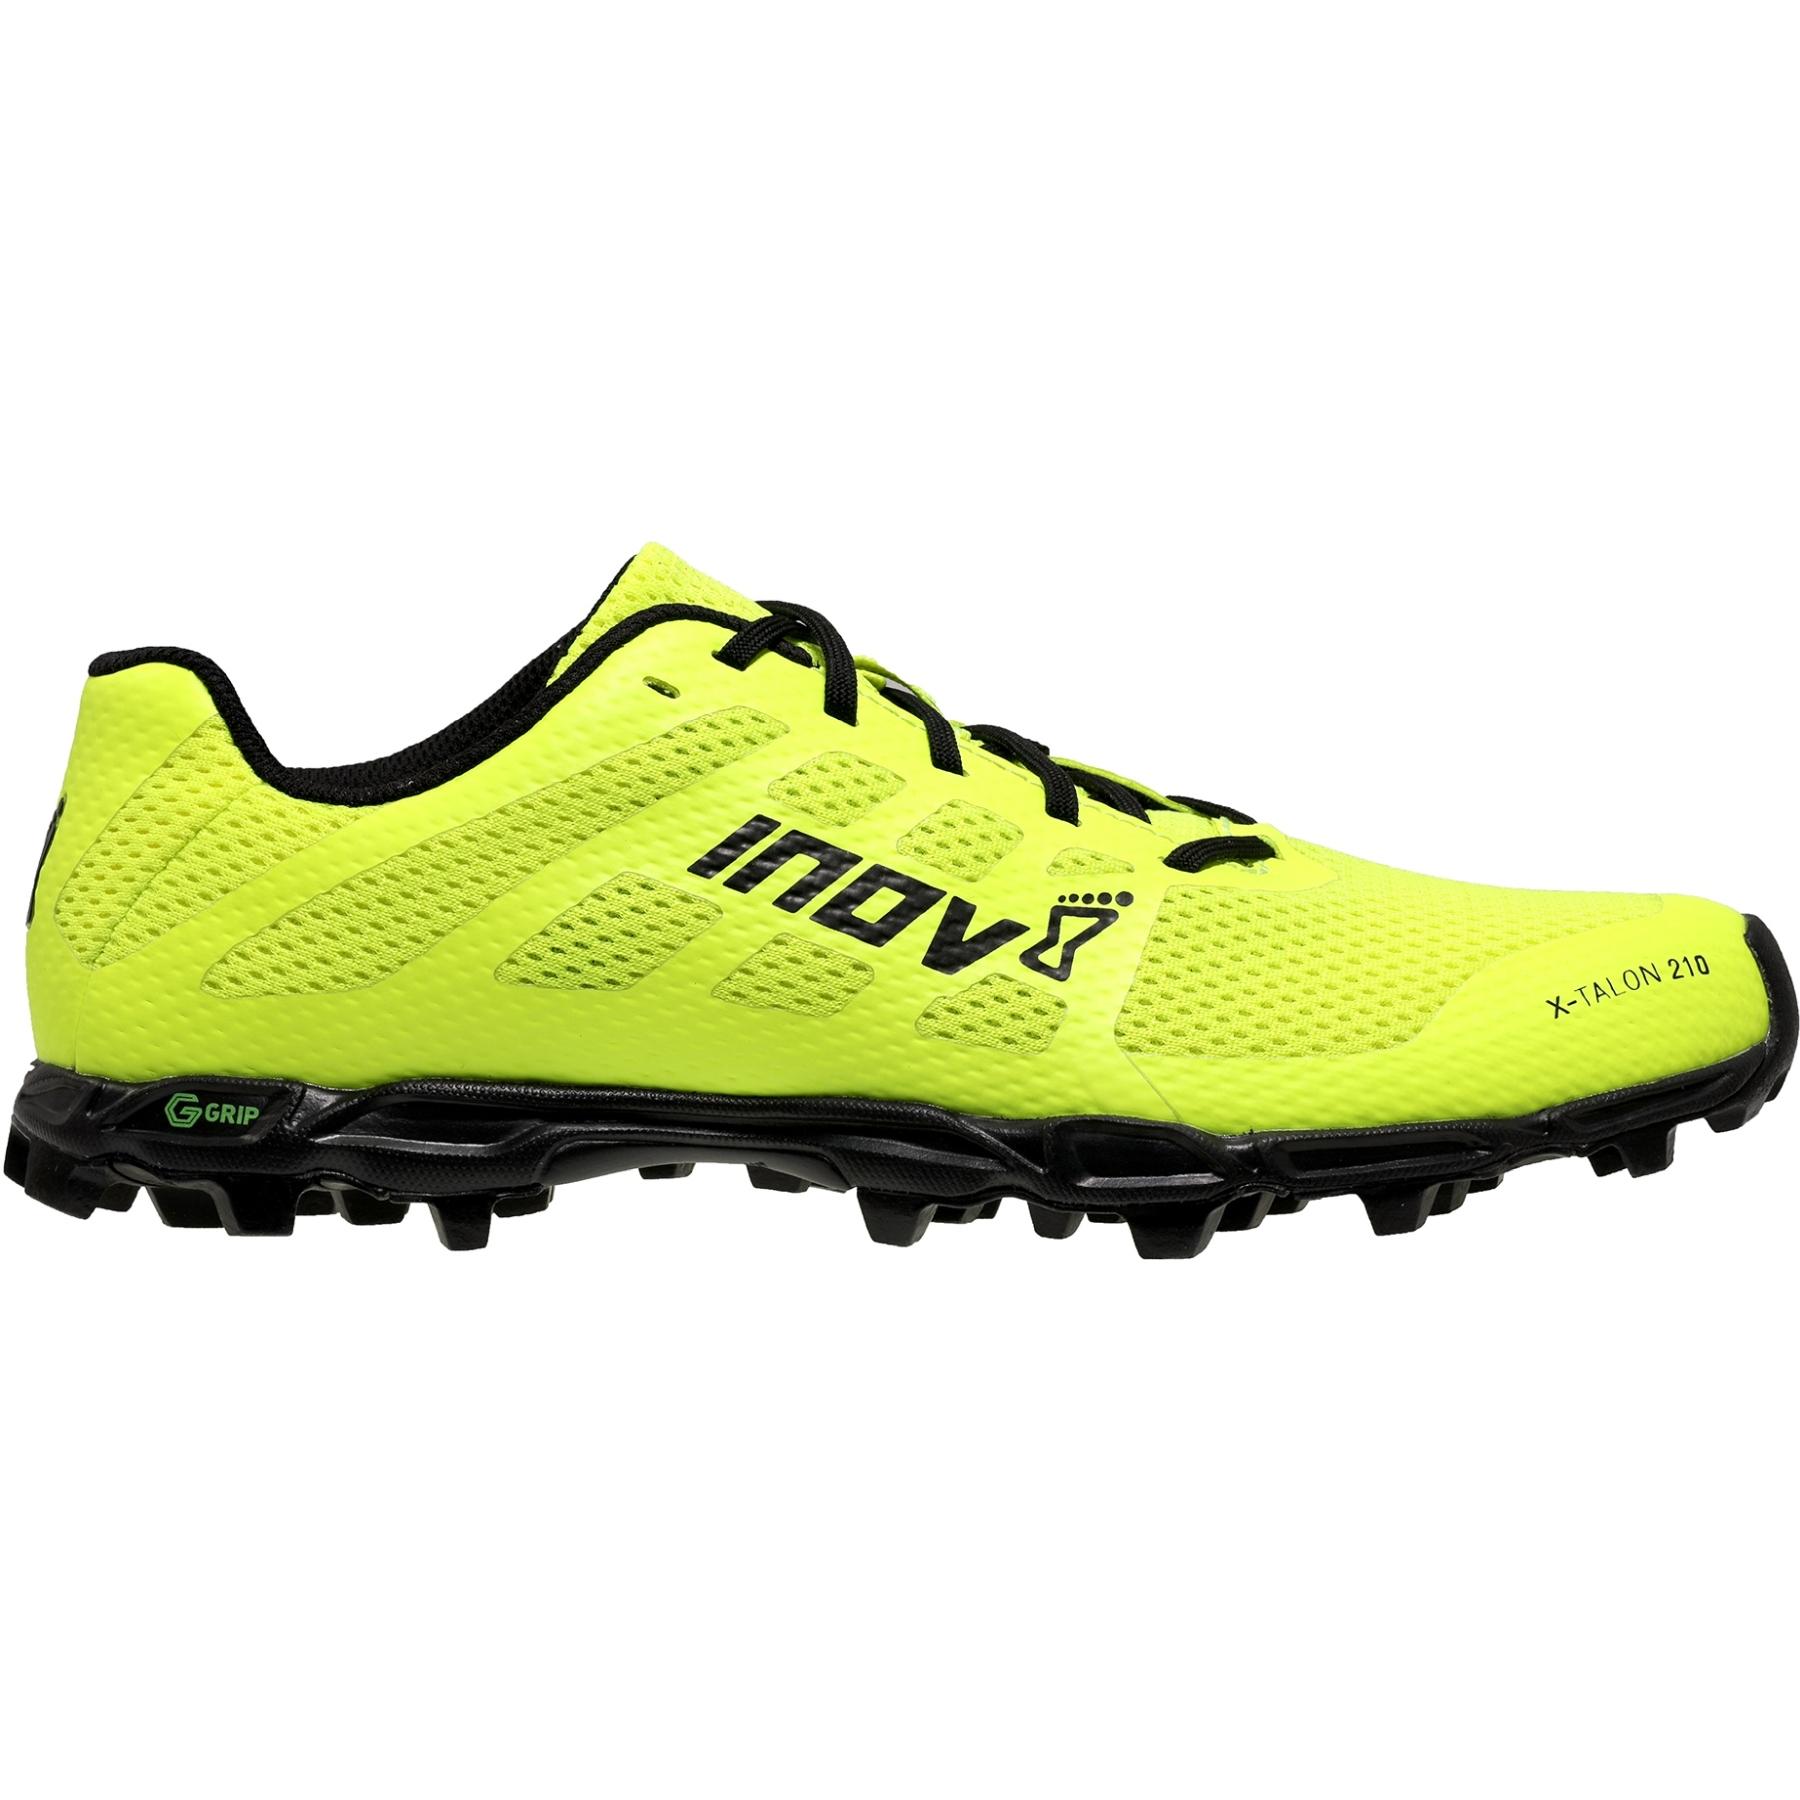 Produktbild von Inov-8 X-Talon™ G 210 V2 Trail Laufschuhe - yellow/black